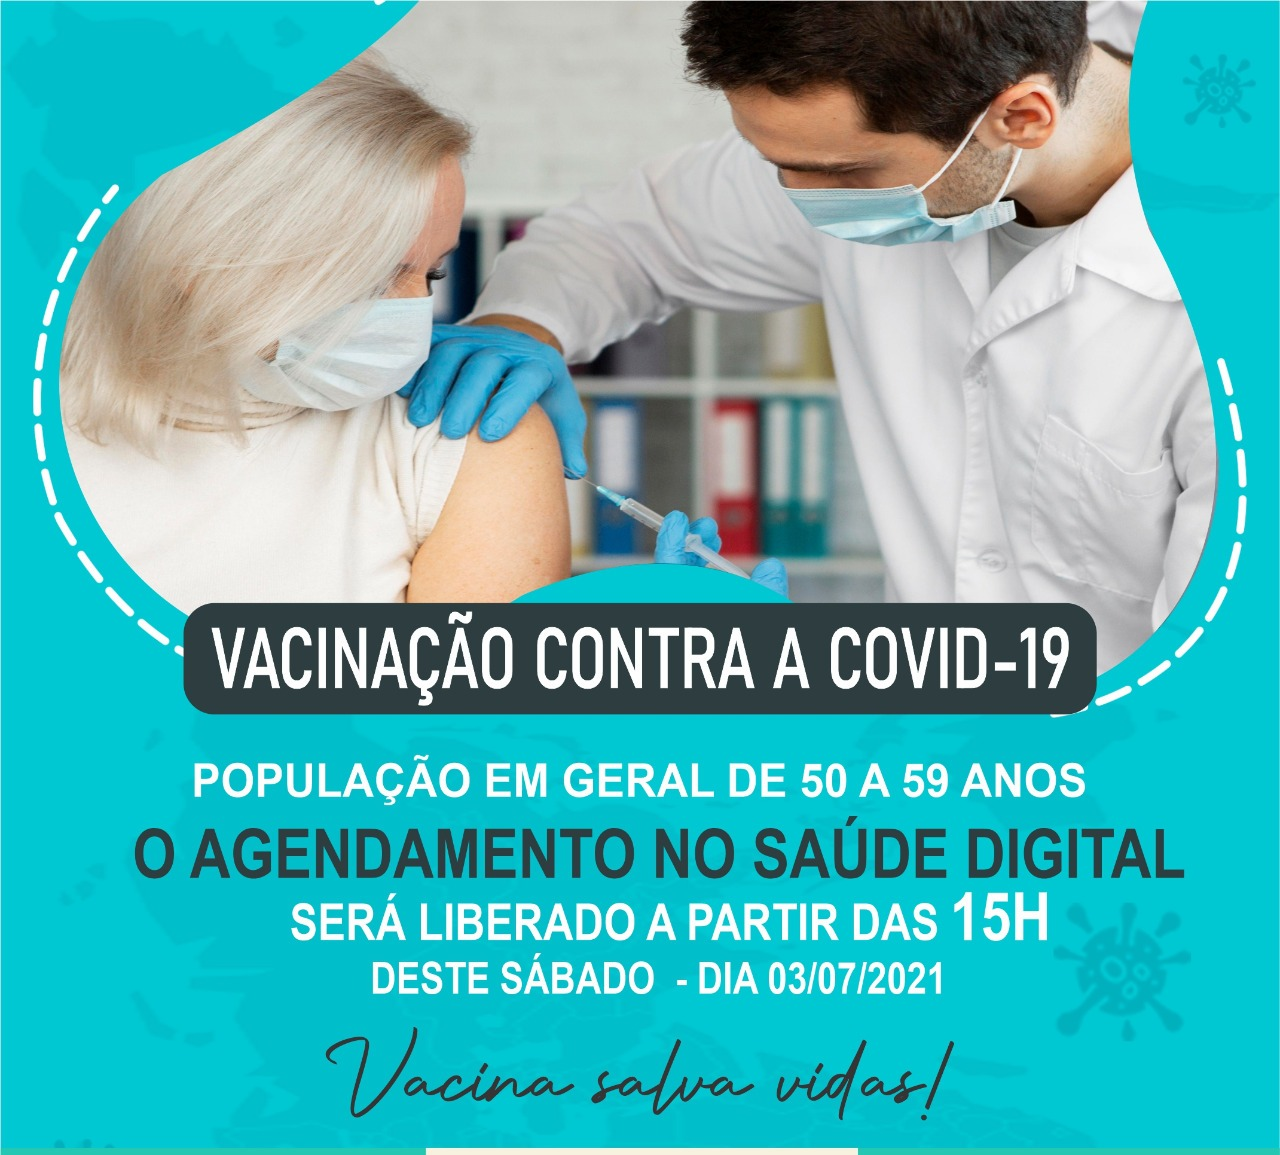 Aurora abre amanhã, sábado (3), agendamento para vacinar população em geral de 50 a 59 anos